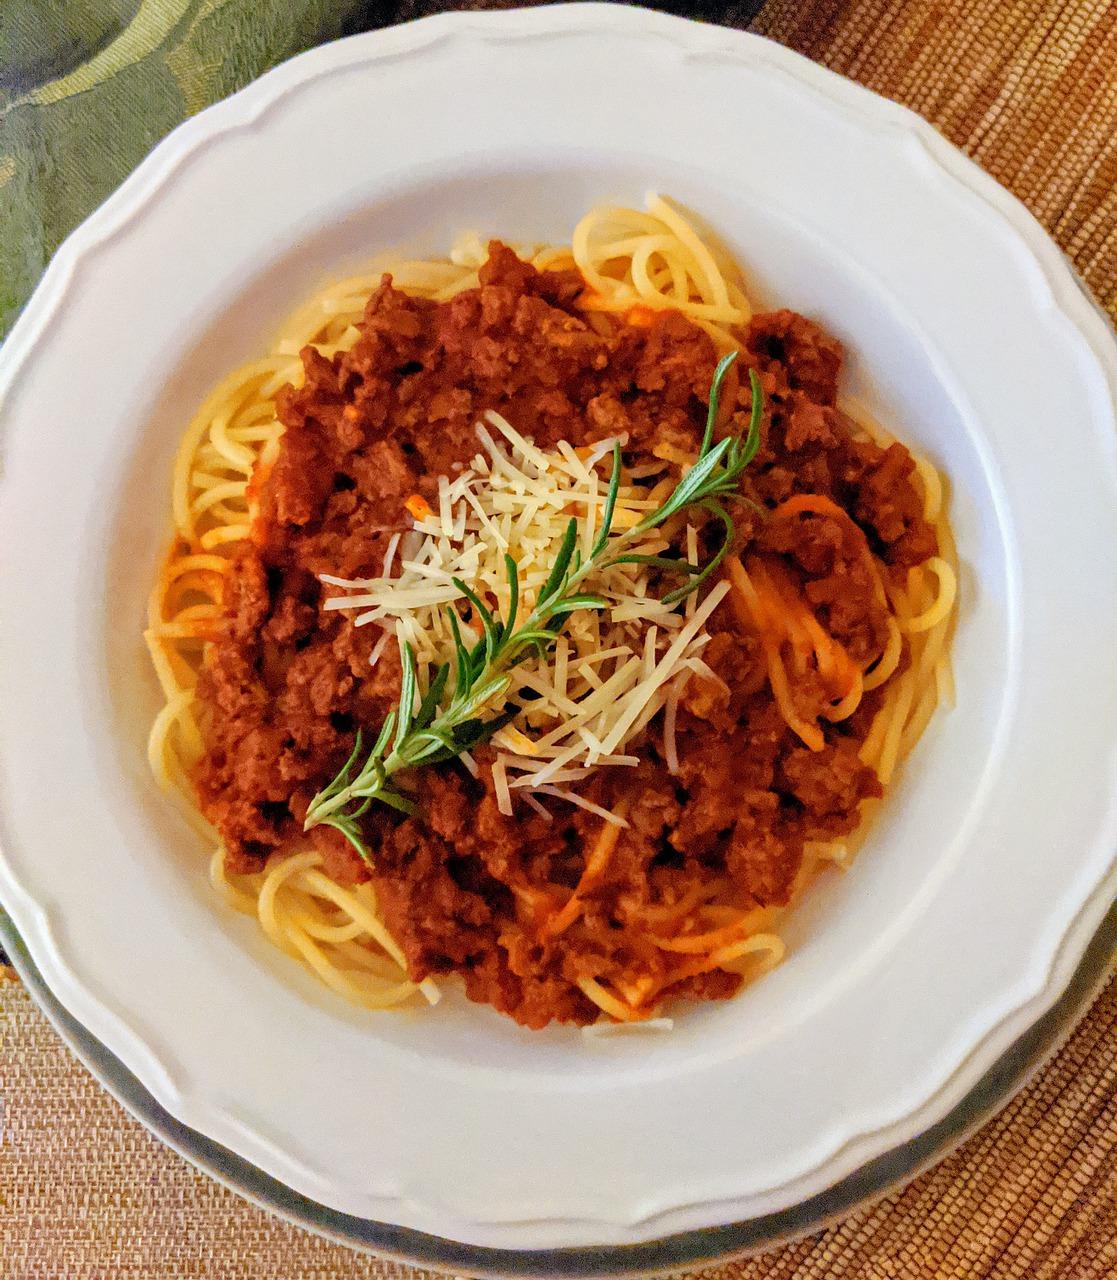 Przepis na pyszny makaron z sosem bolognese